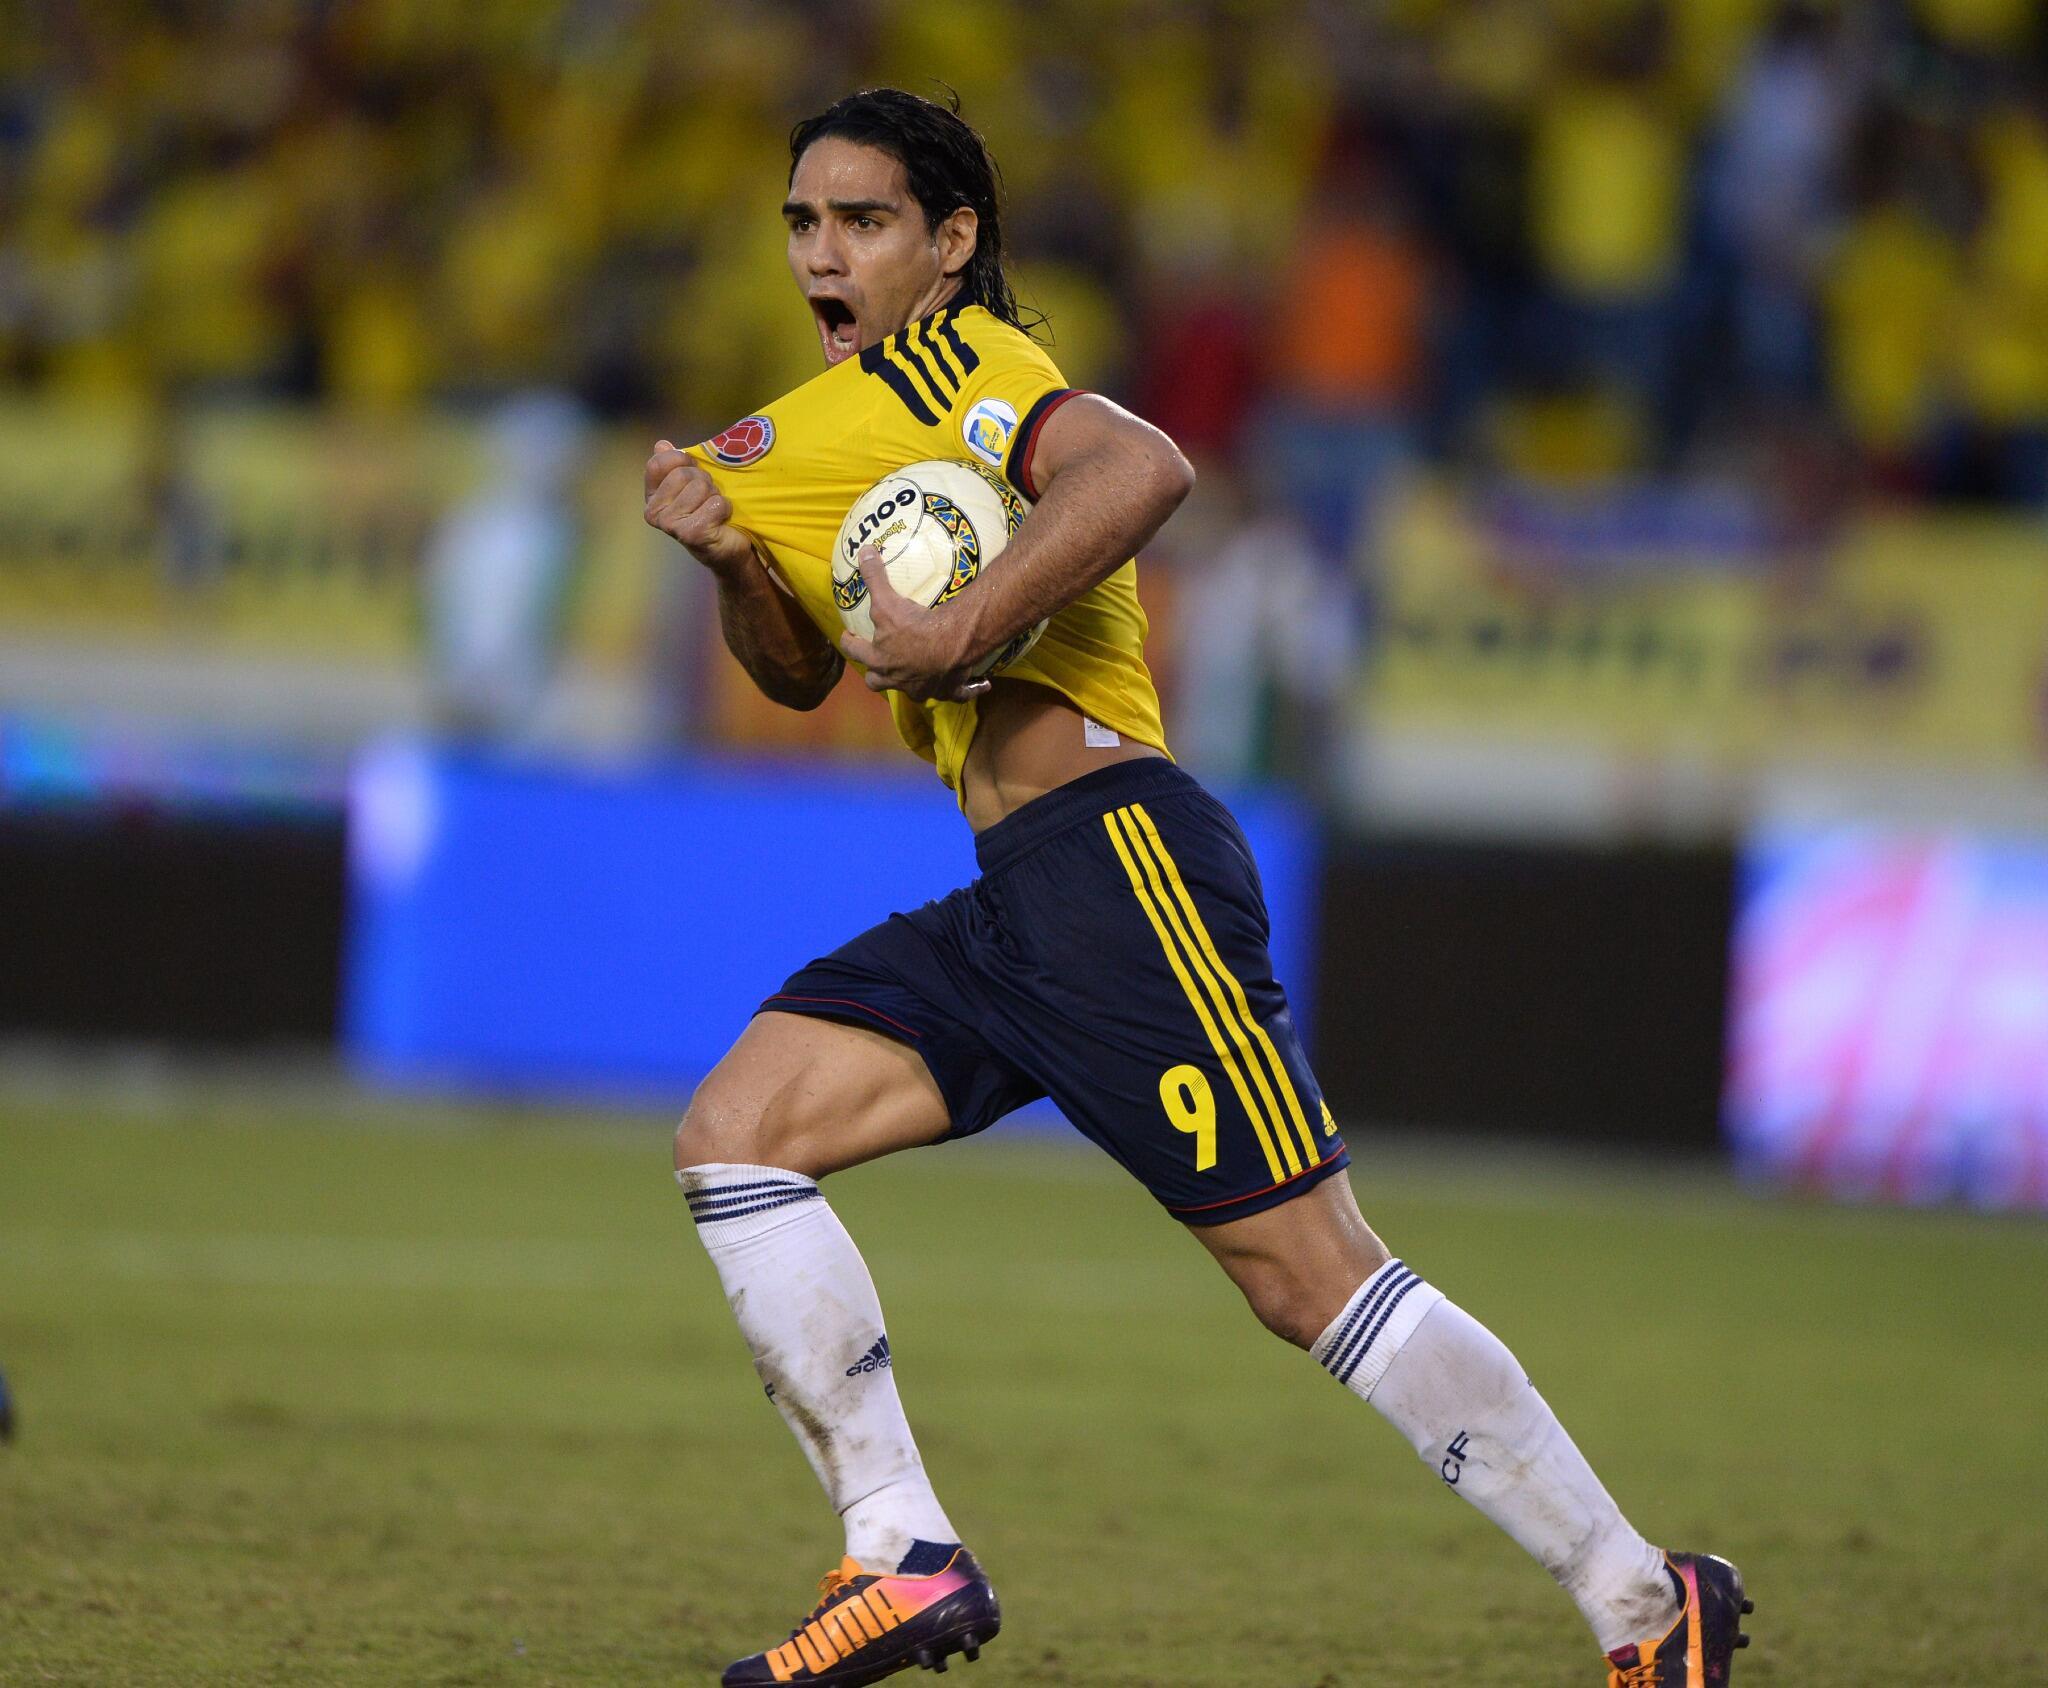 RT @fifaworldcup_pt: Acaba em Barranquilla. A Colômbia empata em 3 a 3 com o Chile e garante a vaga na #Copa2014! Festa para @FALCAO! http://t.co/xlw45Jx6Sc